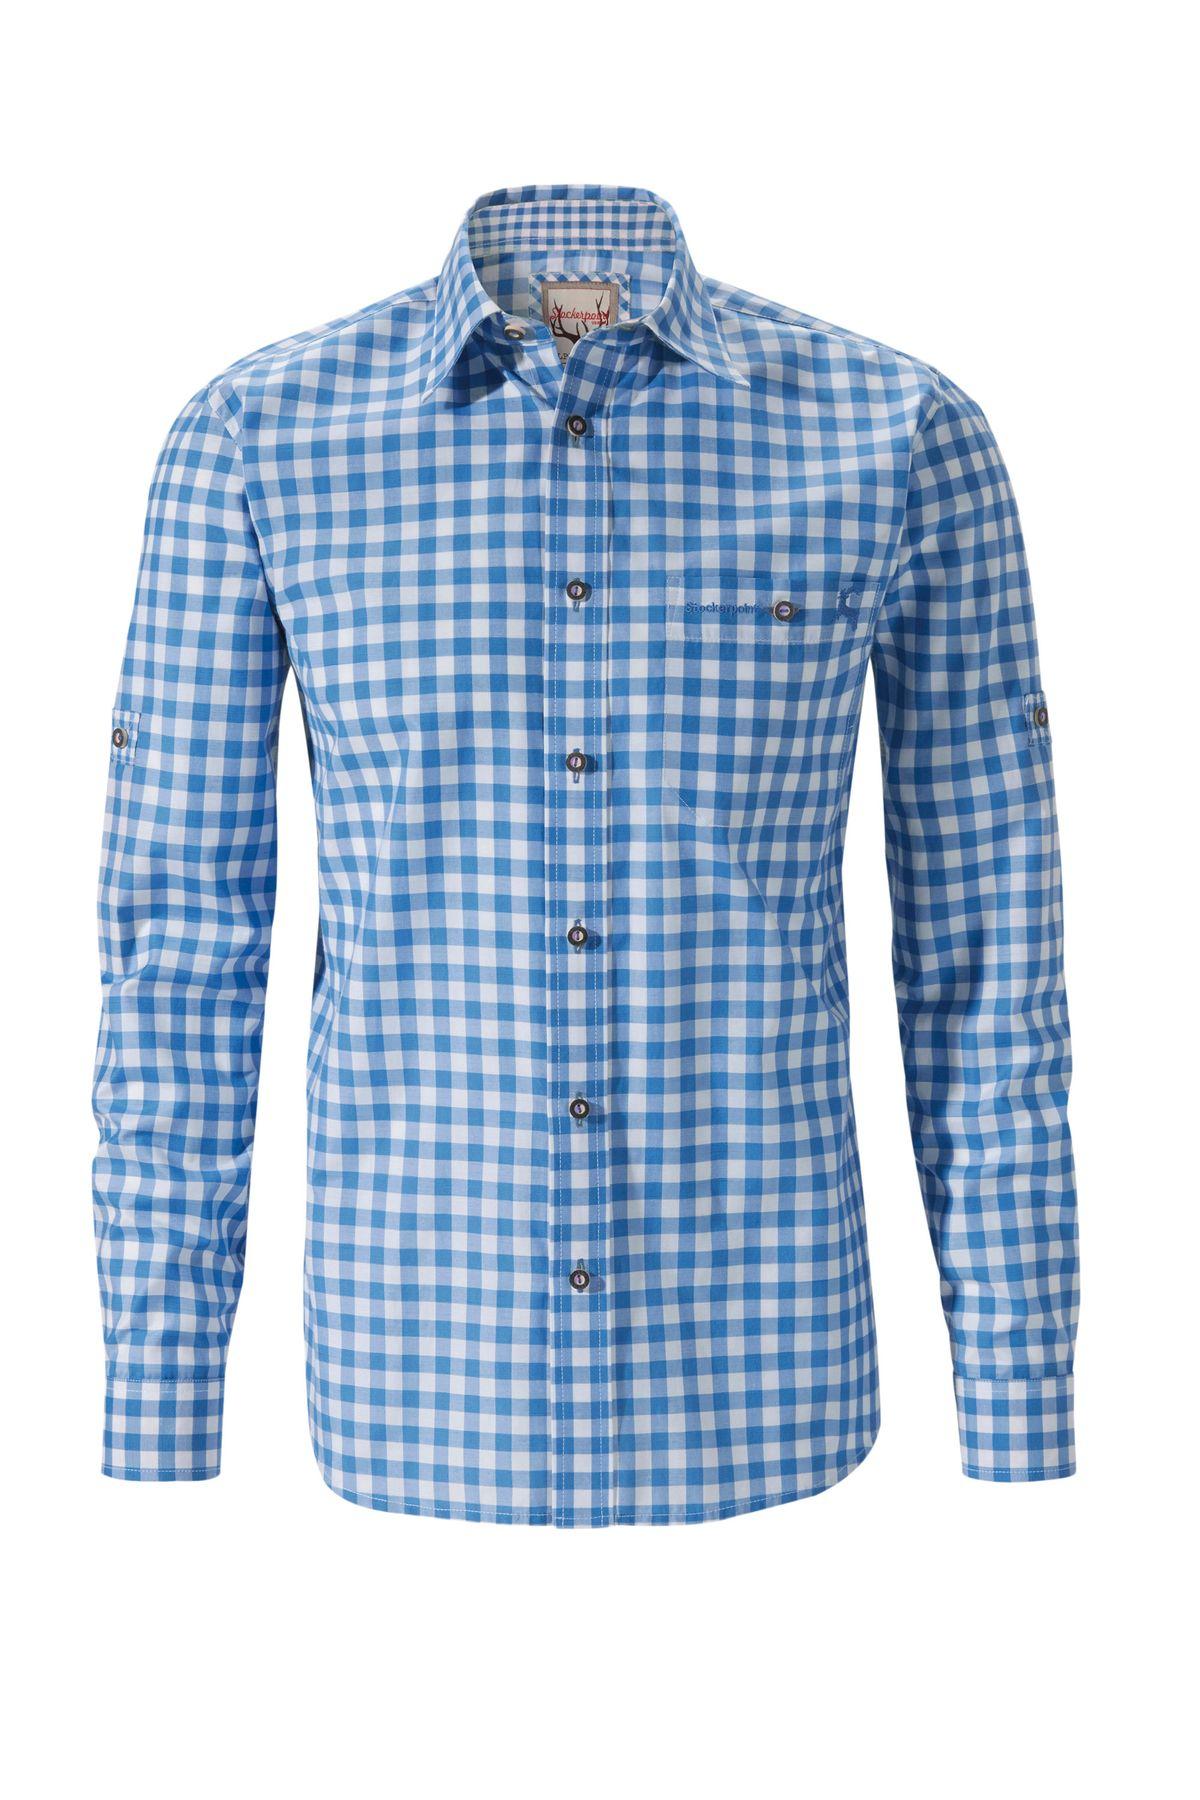 Stockerpoint - Herren Trachtenhemd,Mitchel – Bild 1